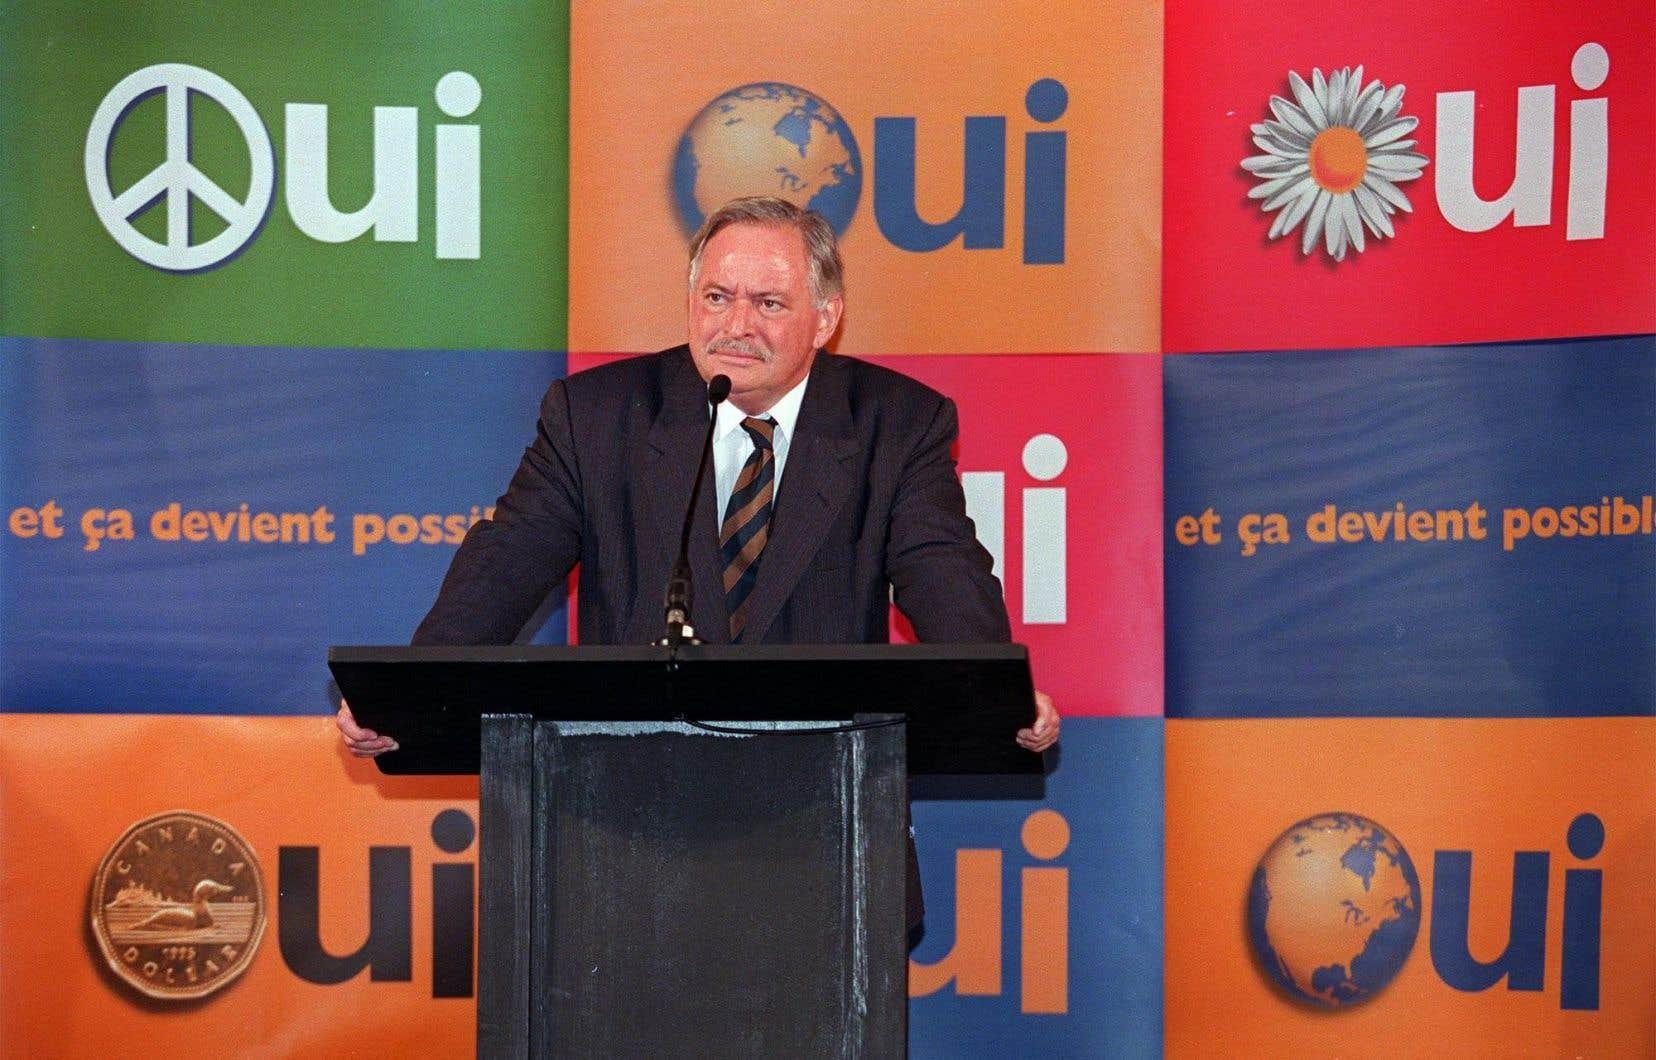 Jacques Parizeau a parié sur l'échec de Meech pour mener le Québec au seuil de l'indépendance. Aujourd'hui, les indépendantistes prennent enfin le relais.